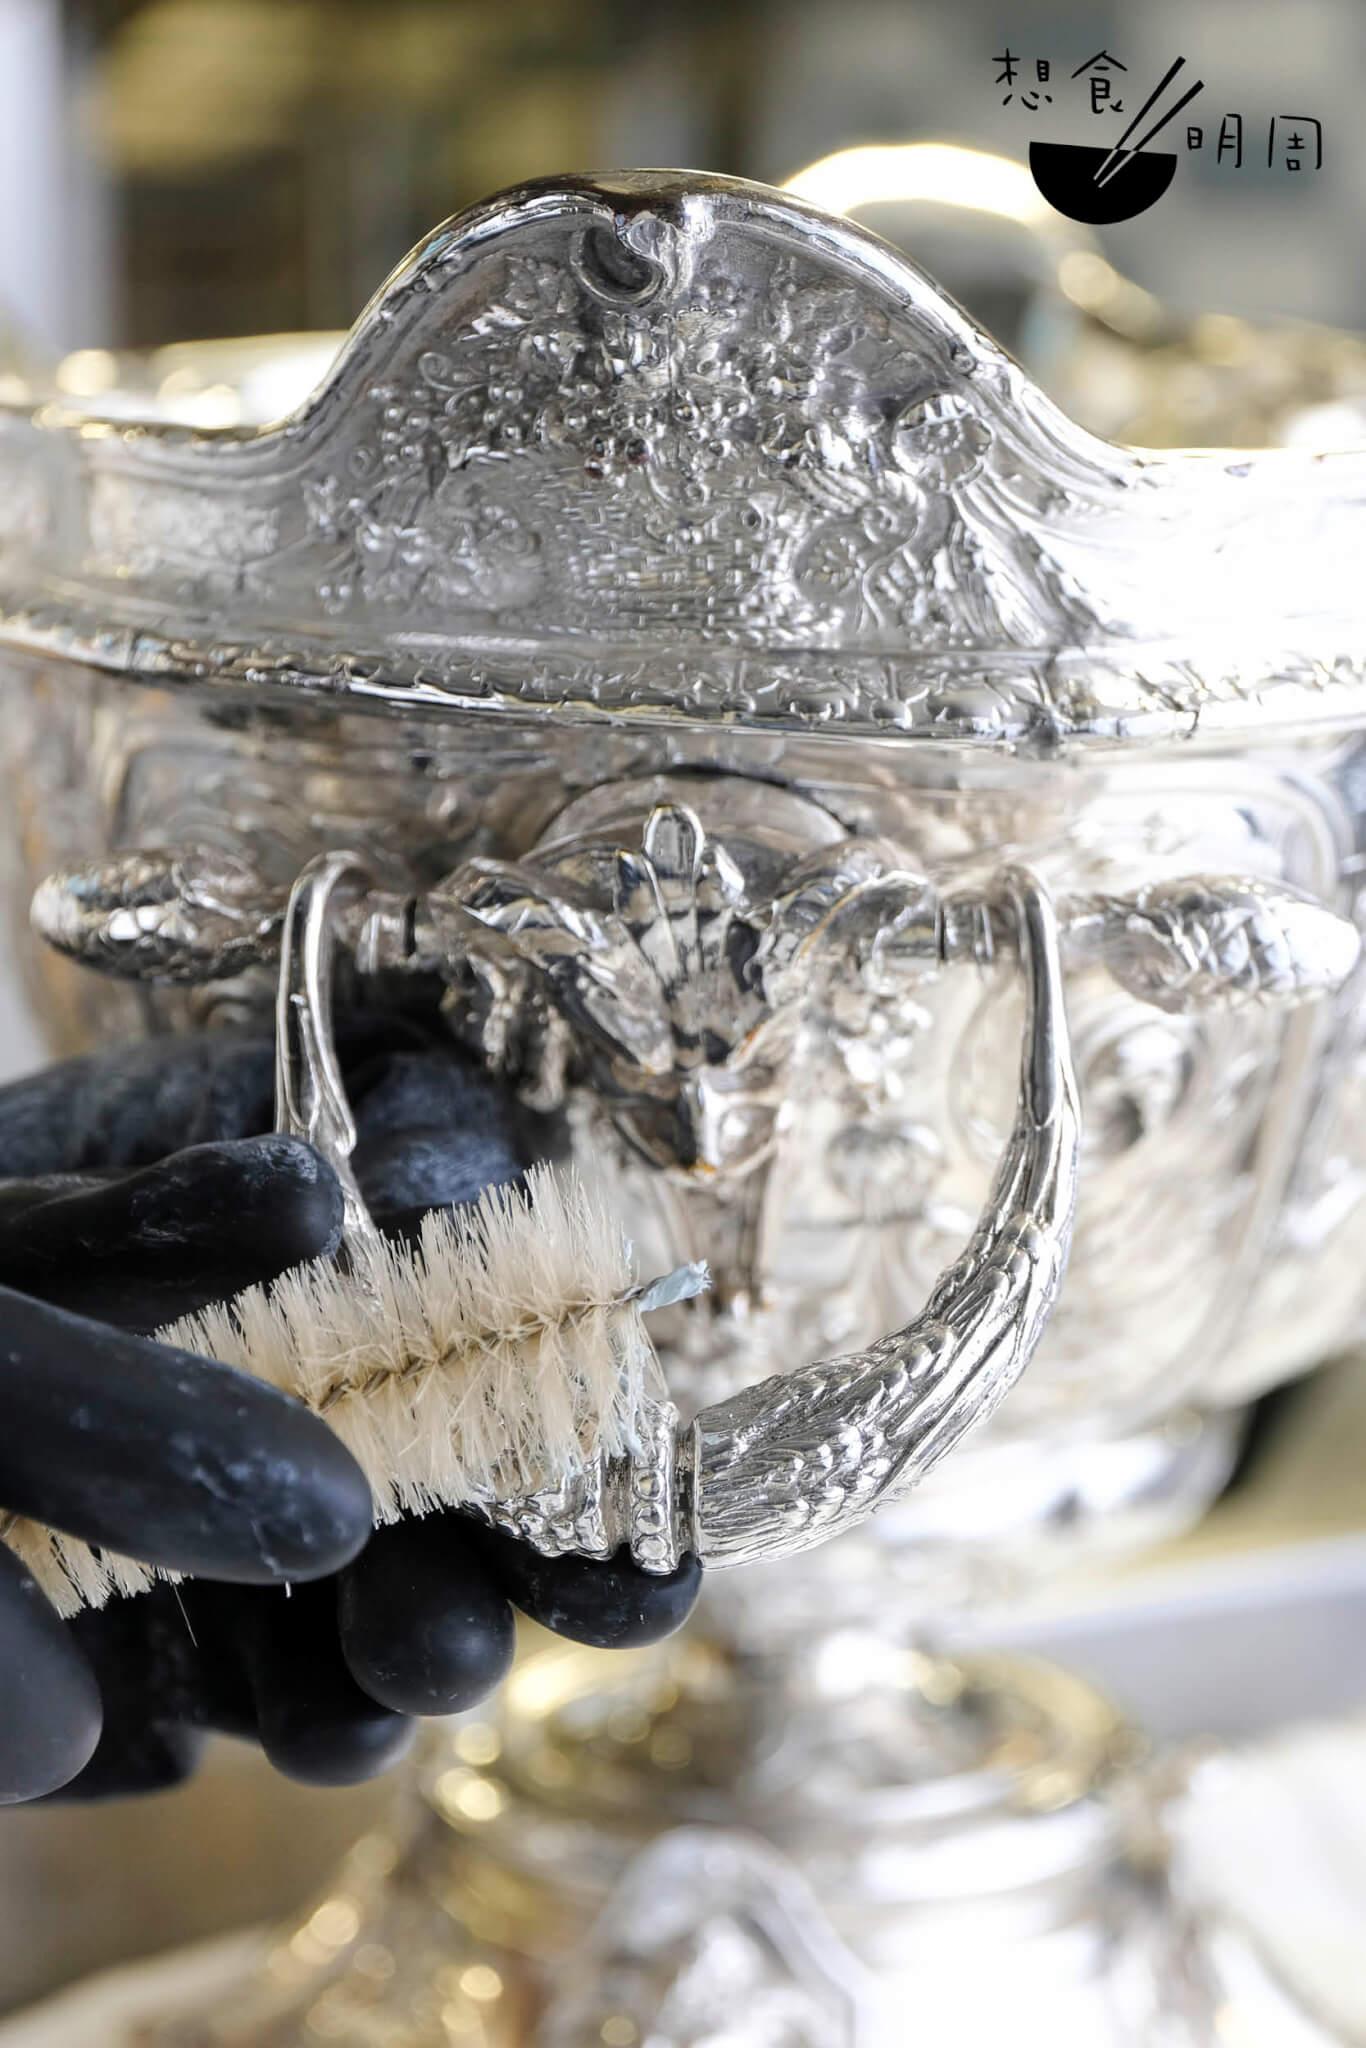 若遇上大件而滿載細膩雕飾的器具,需輔以牙刷或大刷仔細打磨。圖中這件雞尾酒缽,需約30至45分鐘處理,力氣及耐性缺一不可。